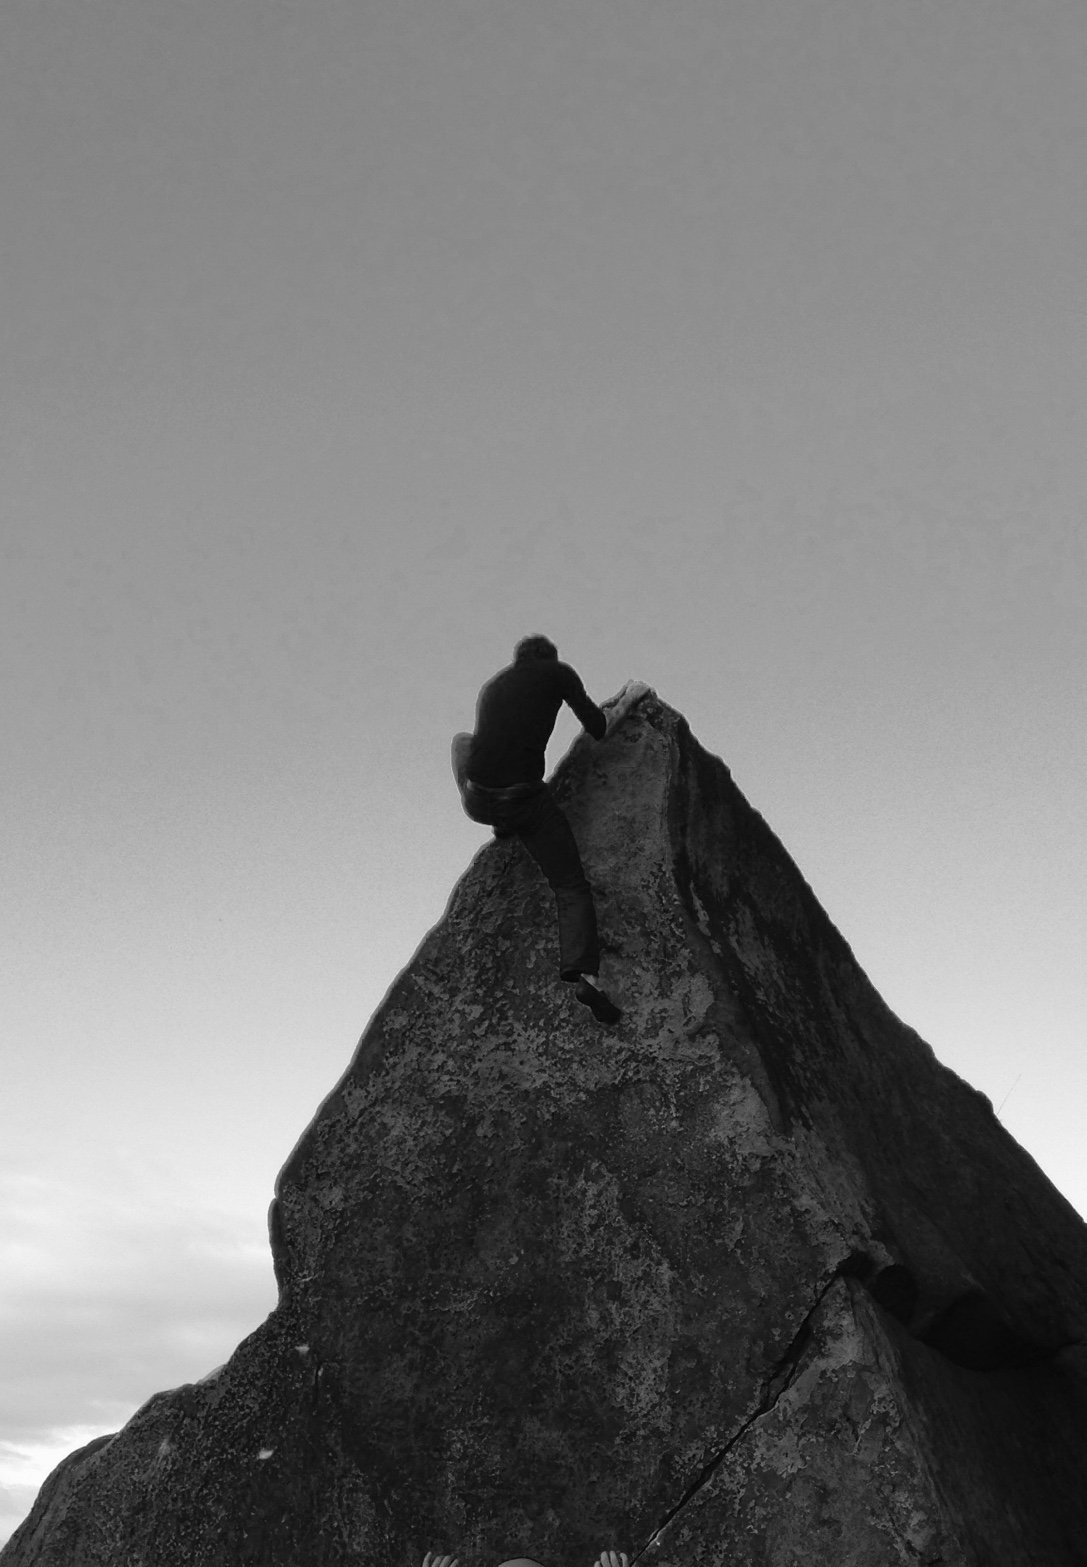 Climber's special